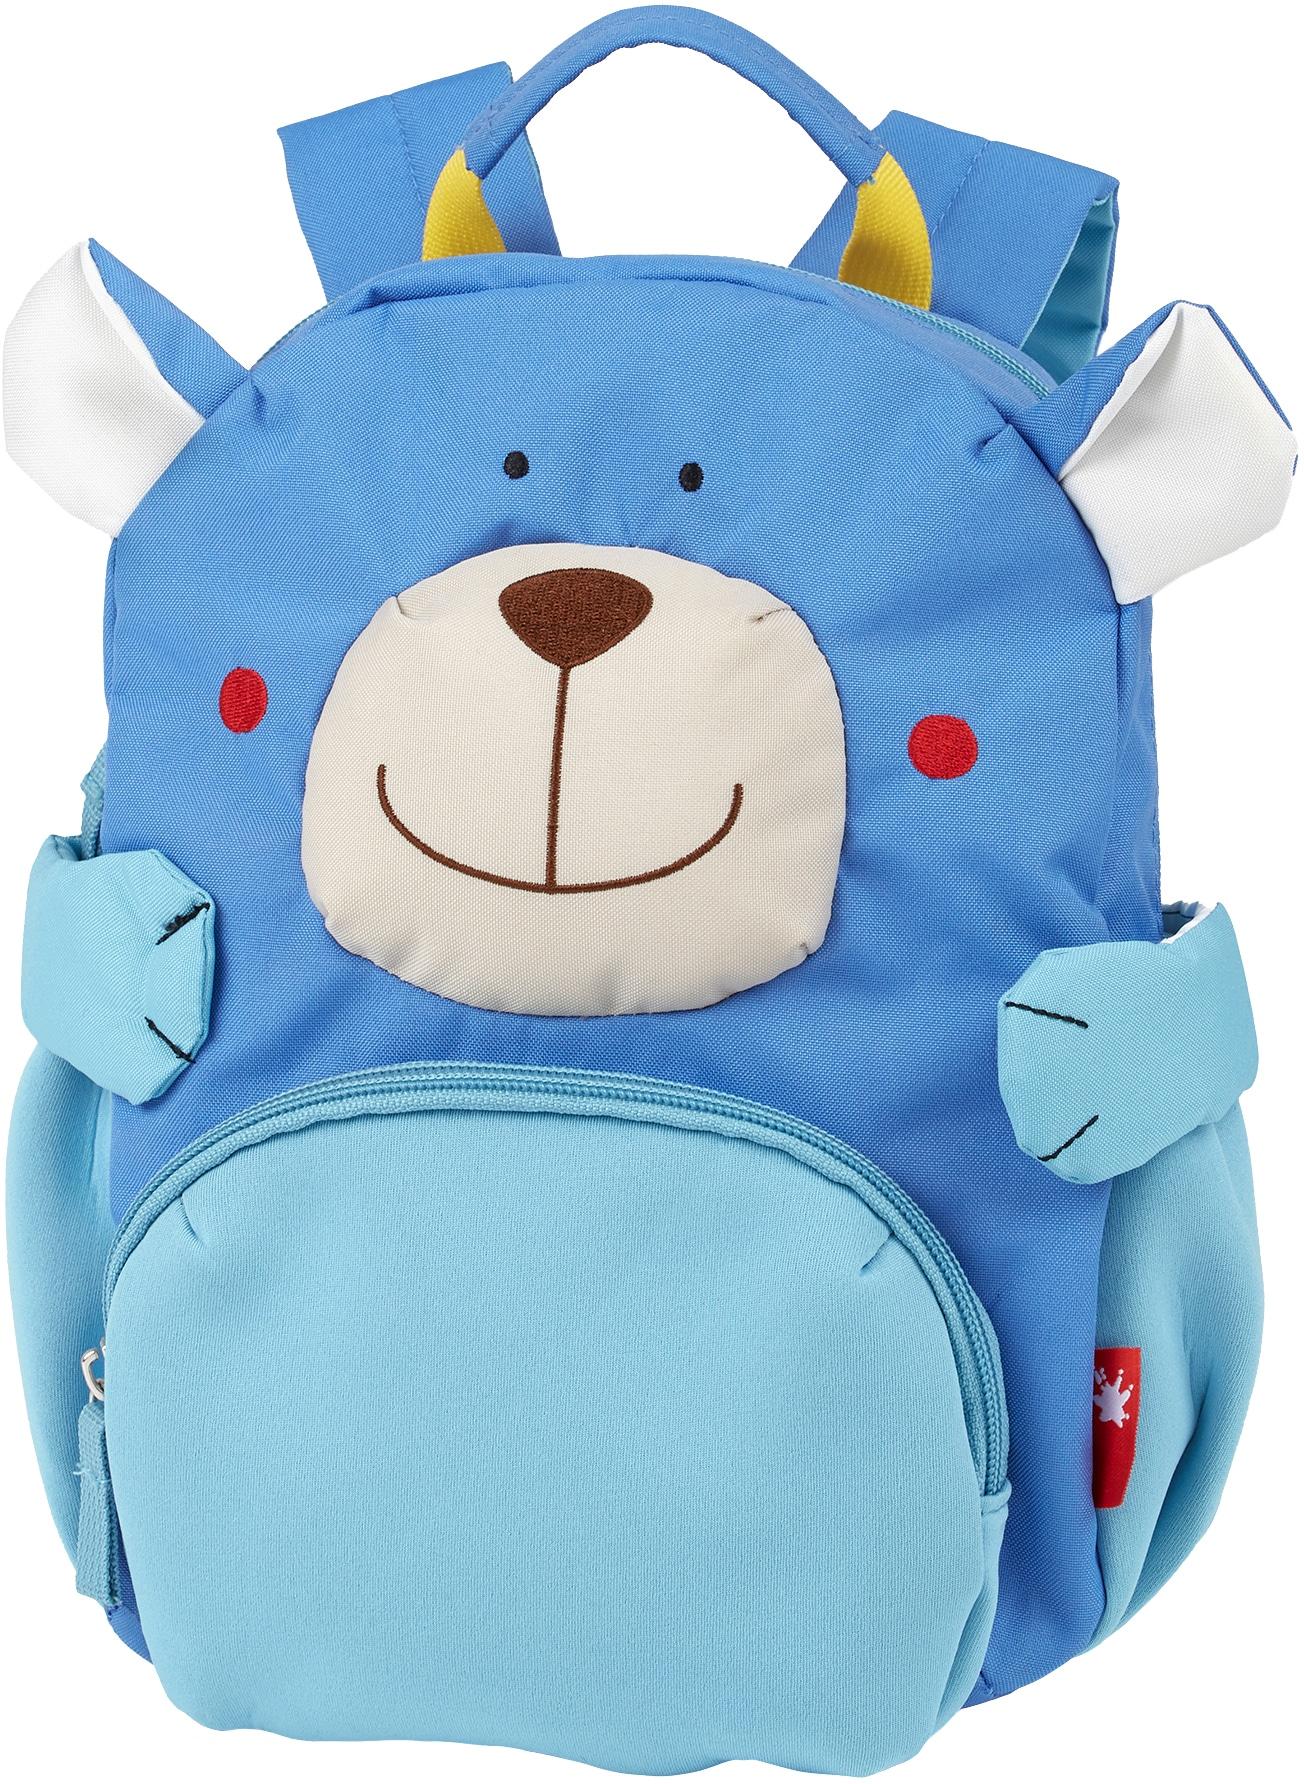 Sigikid Kinderrucksack Bär blau Rucksäcke Unisex